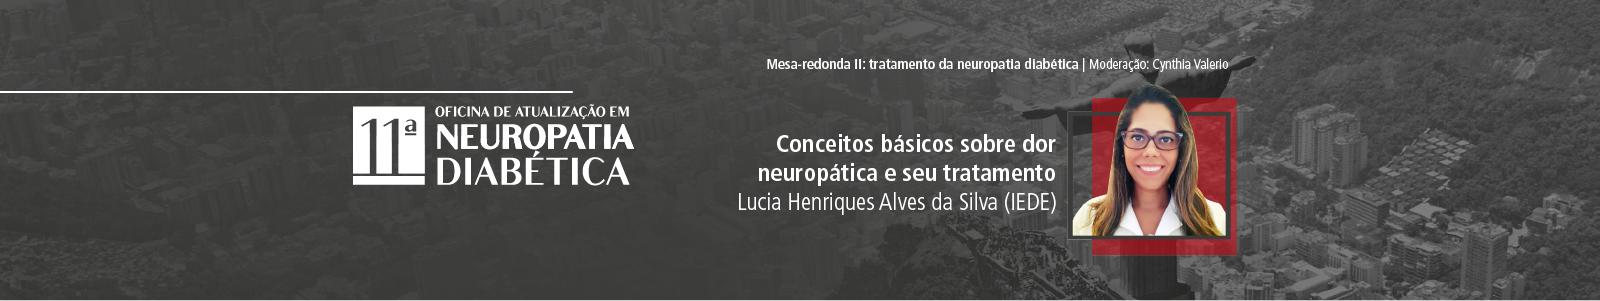 Disponivel-Lucias